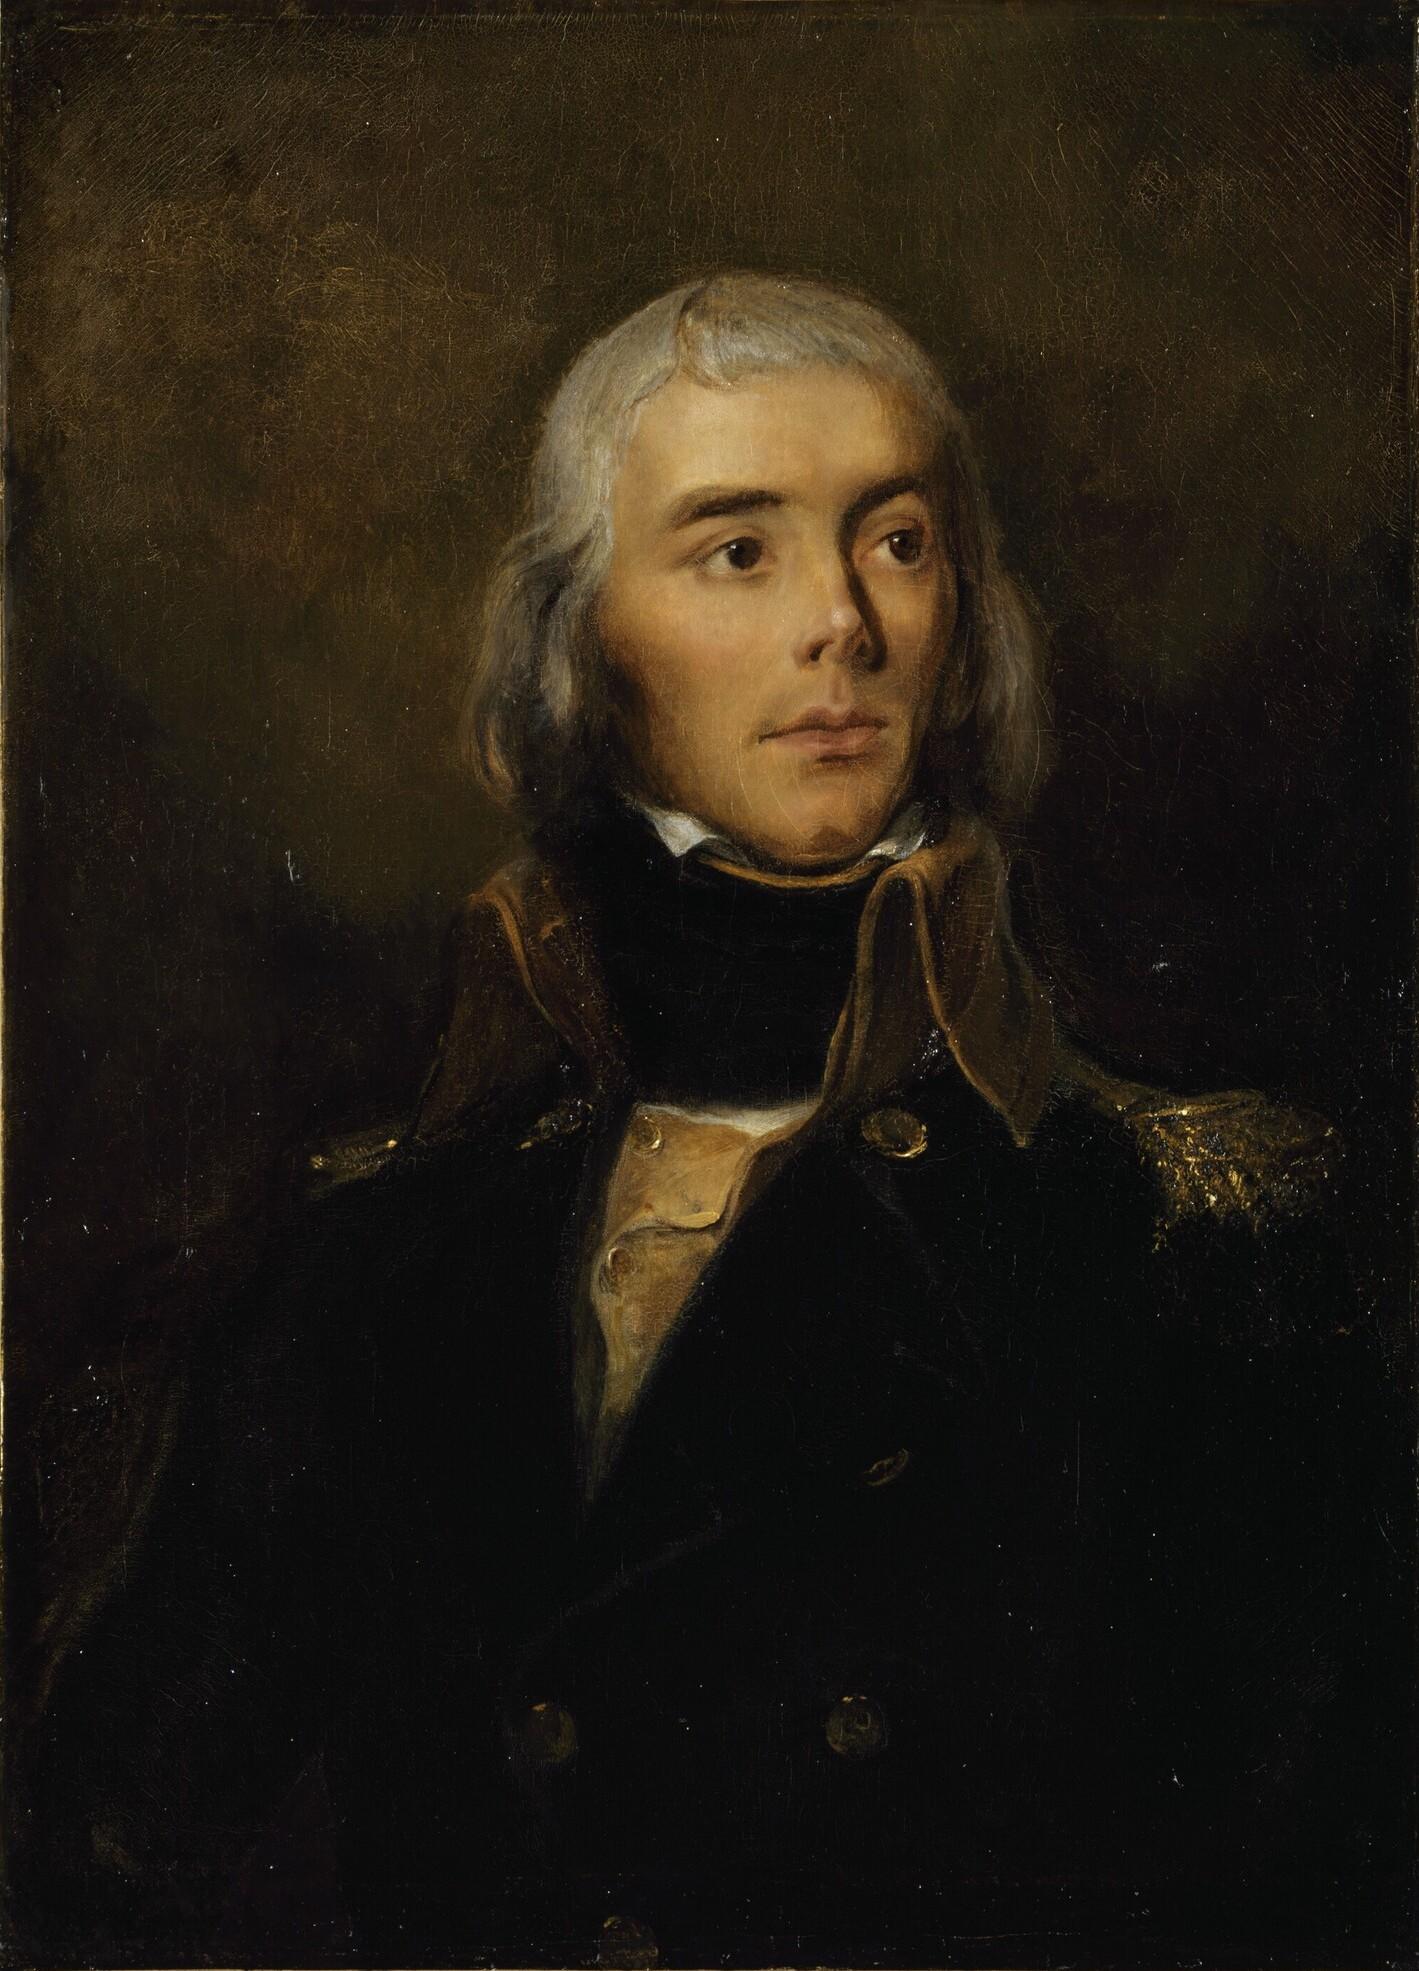 Fichier:Étienne Jacques Joseph Macdonald (1792).jpg